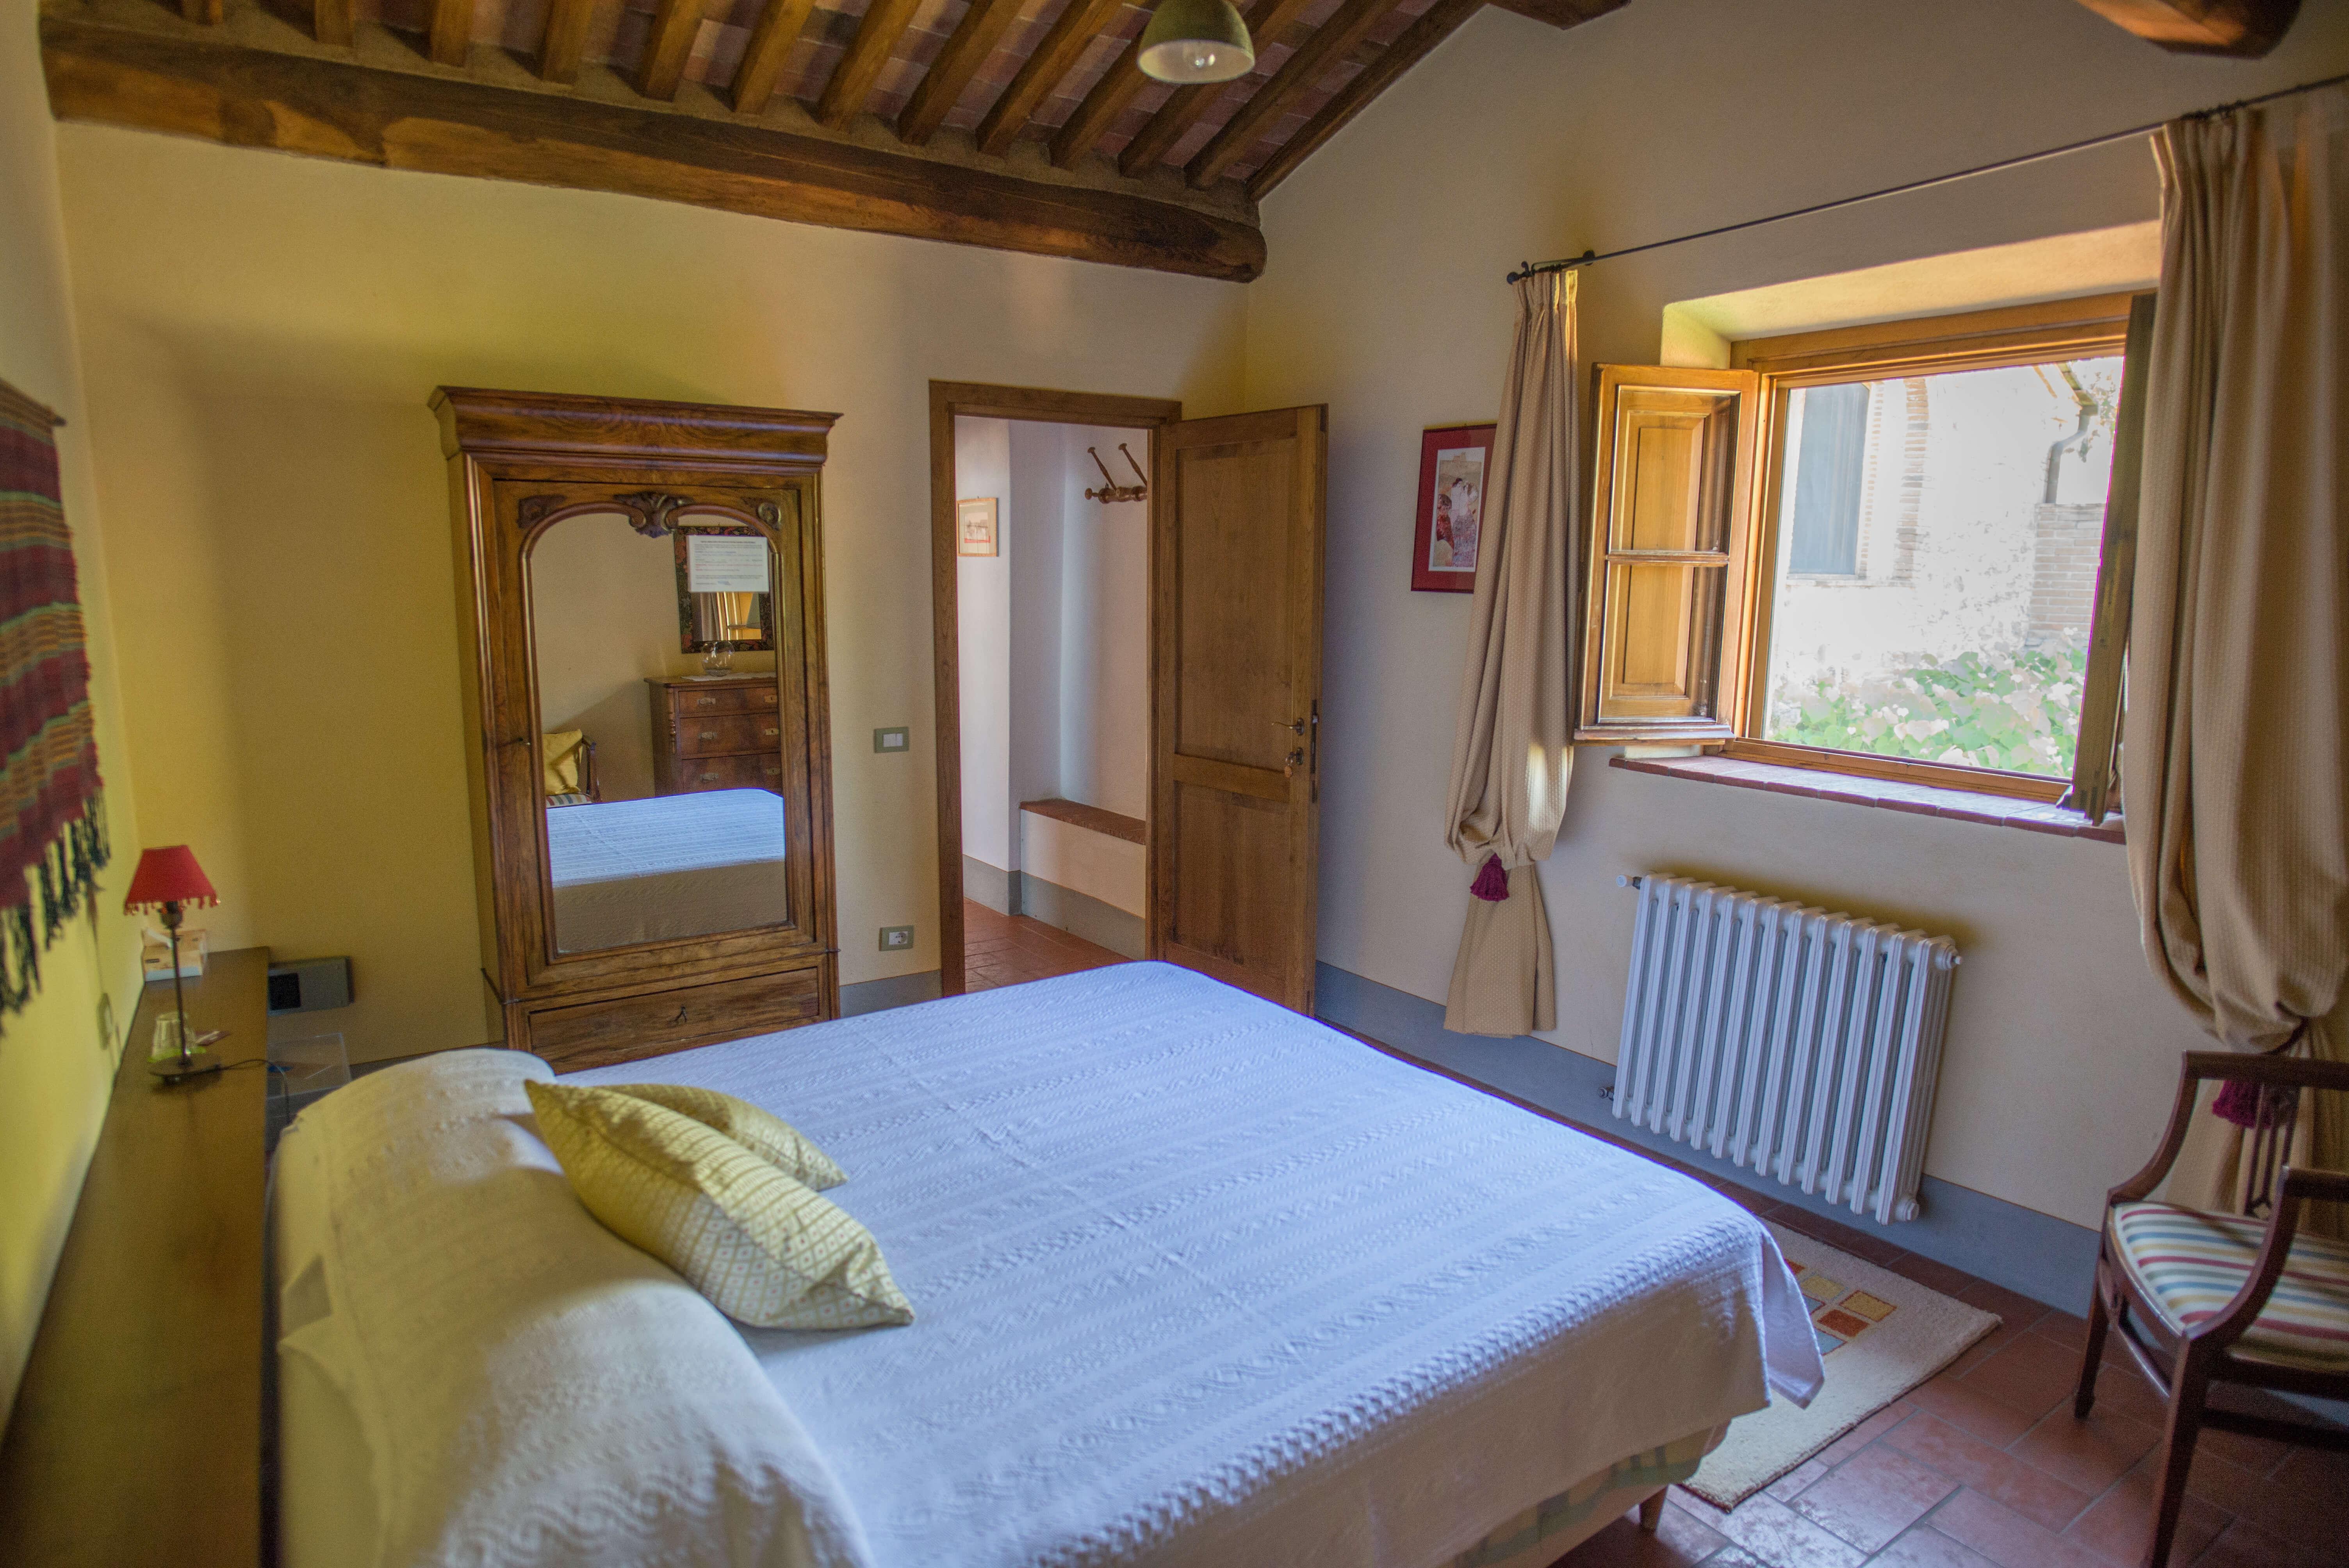 Il Borghino Retreat Centre - room with double bed called I Nespoli - Gialla. Yoga Retreat Italy